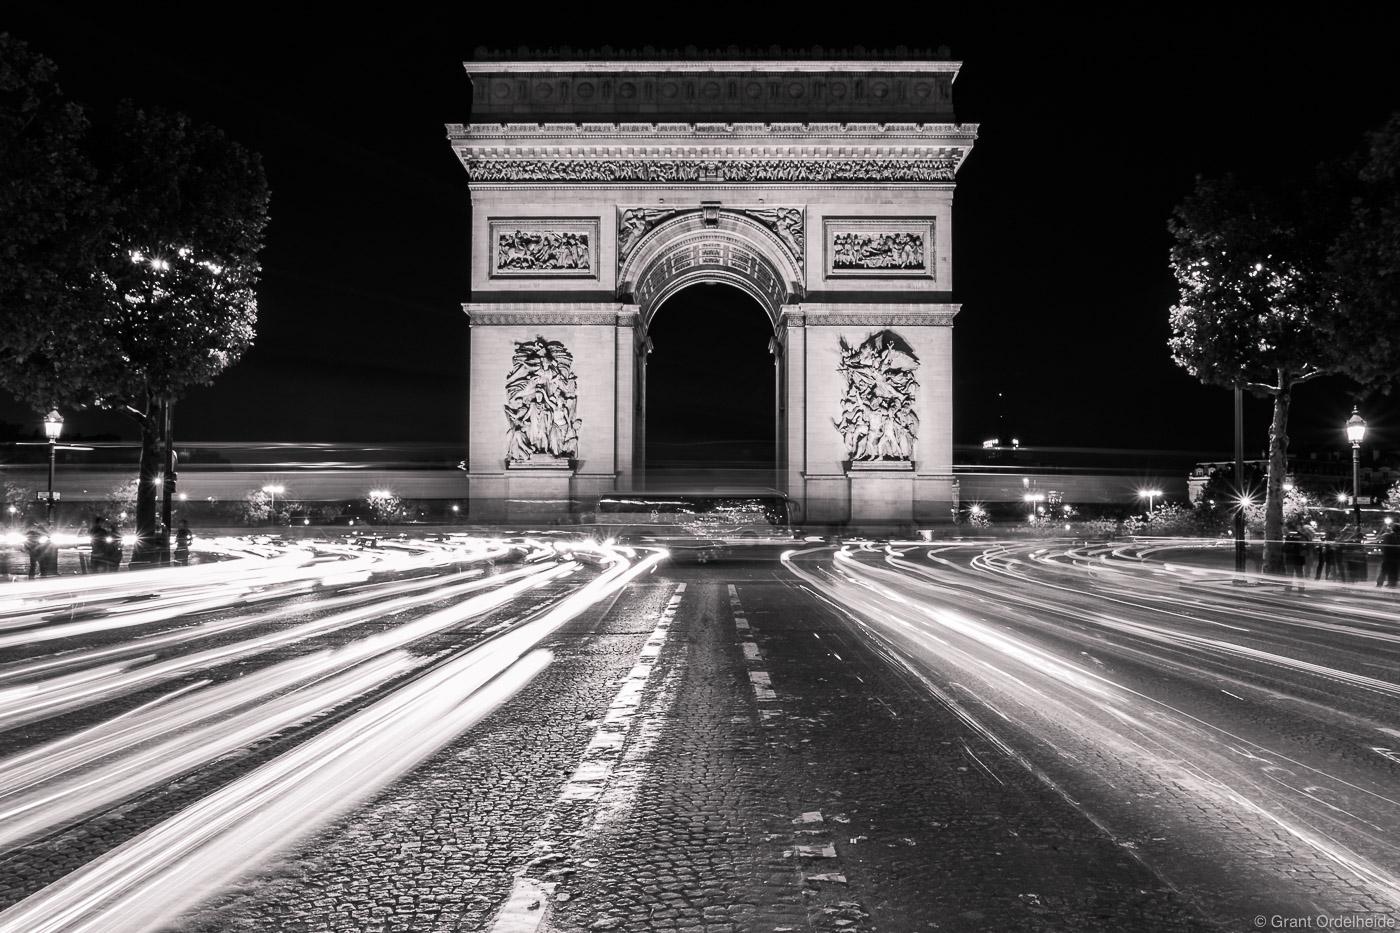 arch de triumph, paris, france, car, lights, famous, arch, photo